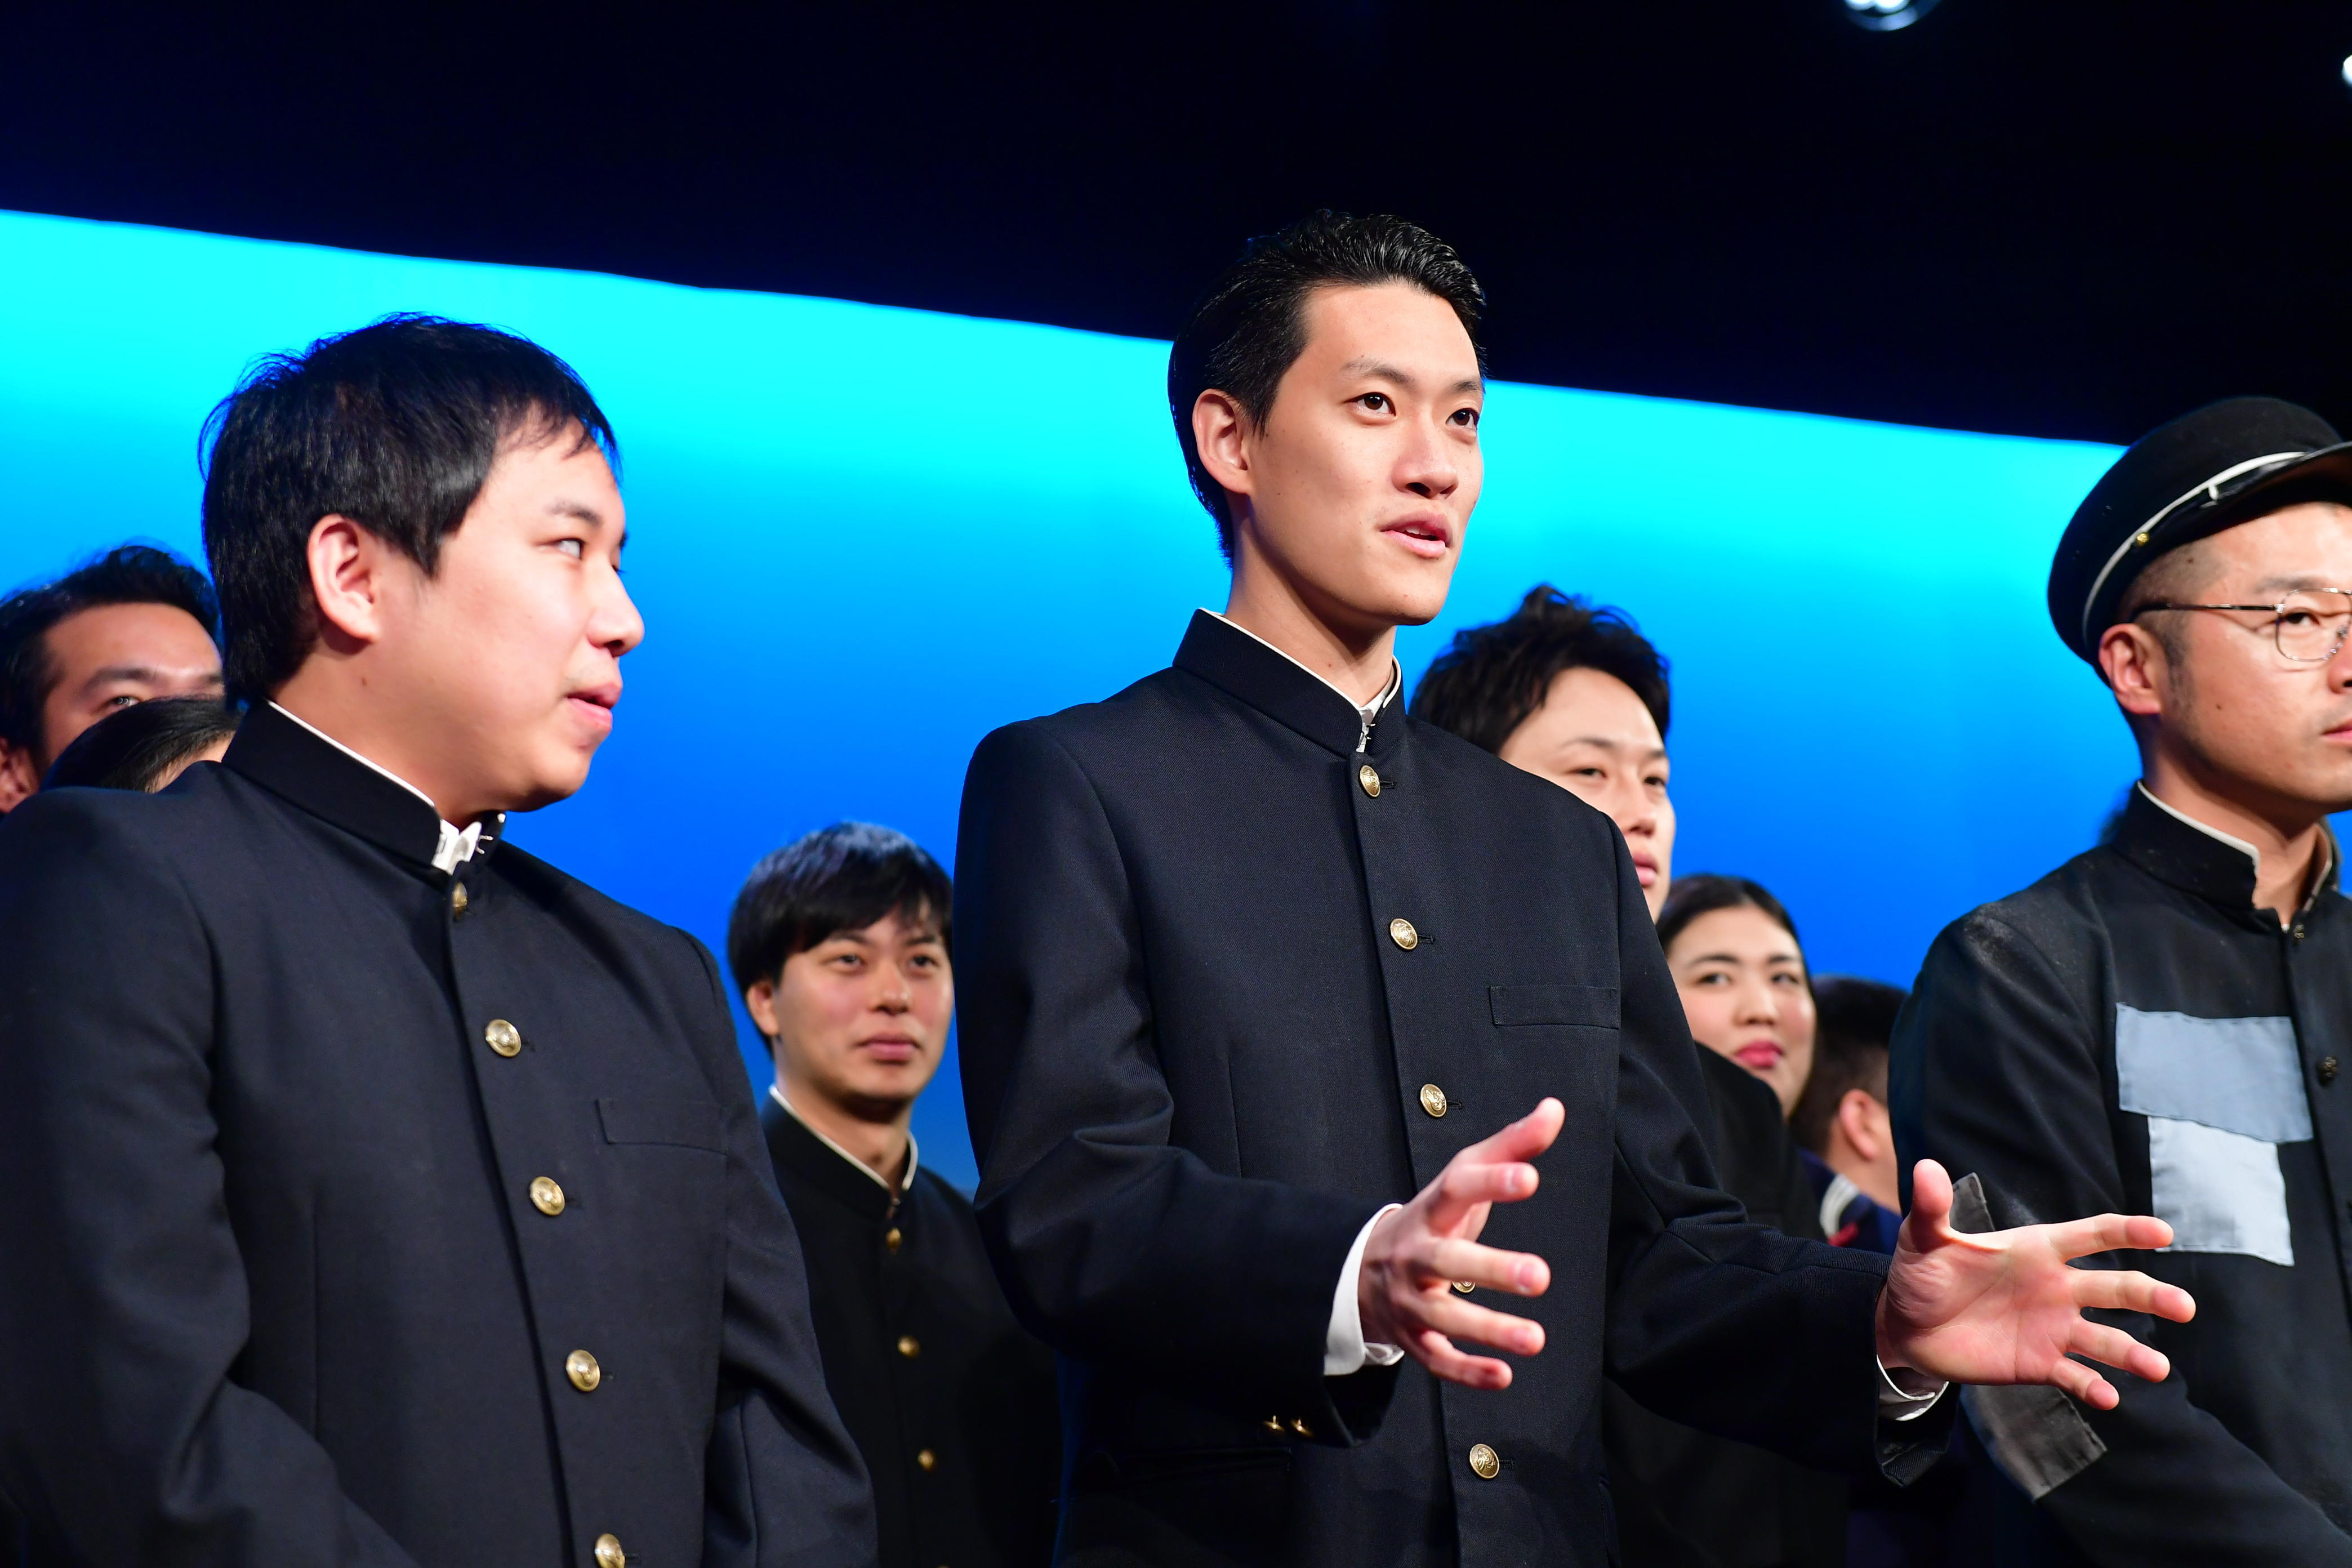 http://news.yoshimoto.co.jp/20181220090043-2ae0155ae6d9a622f205b02ff0abd49dce82f085.jpg